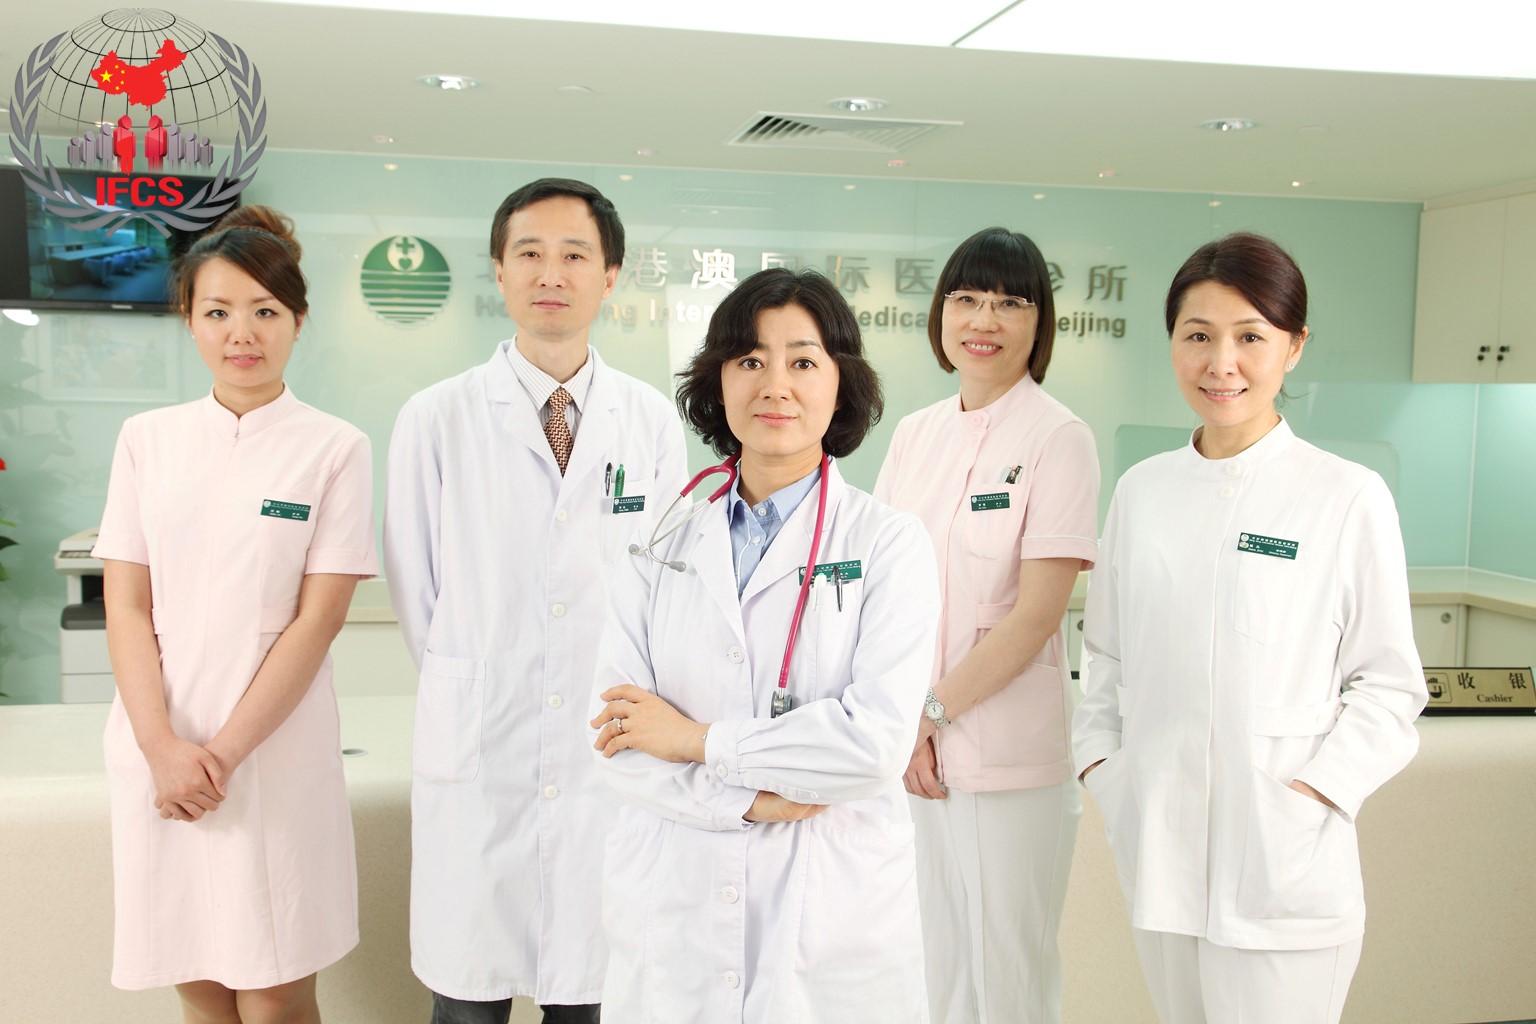 پرستاران چینی